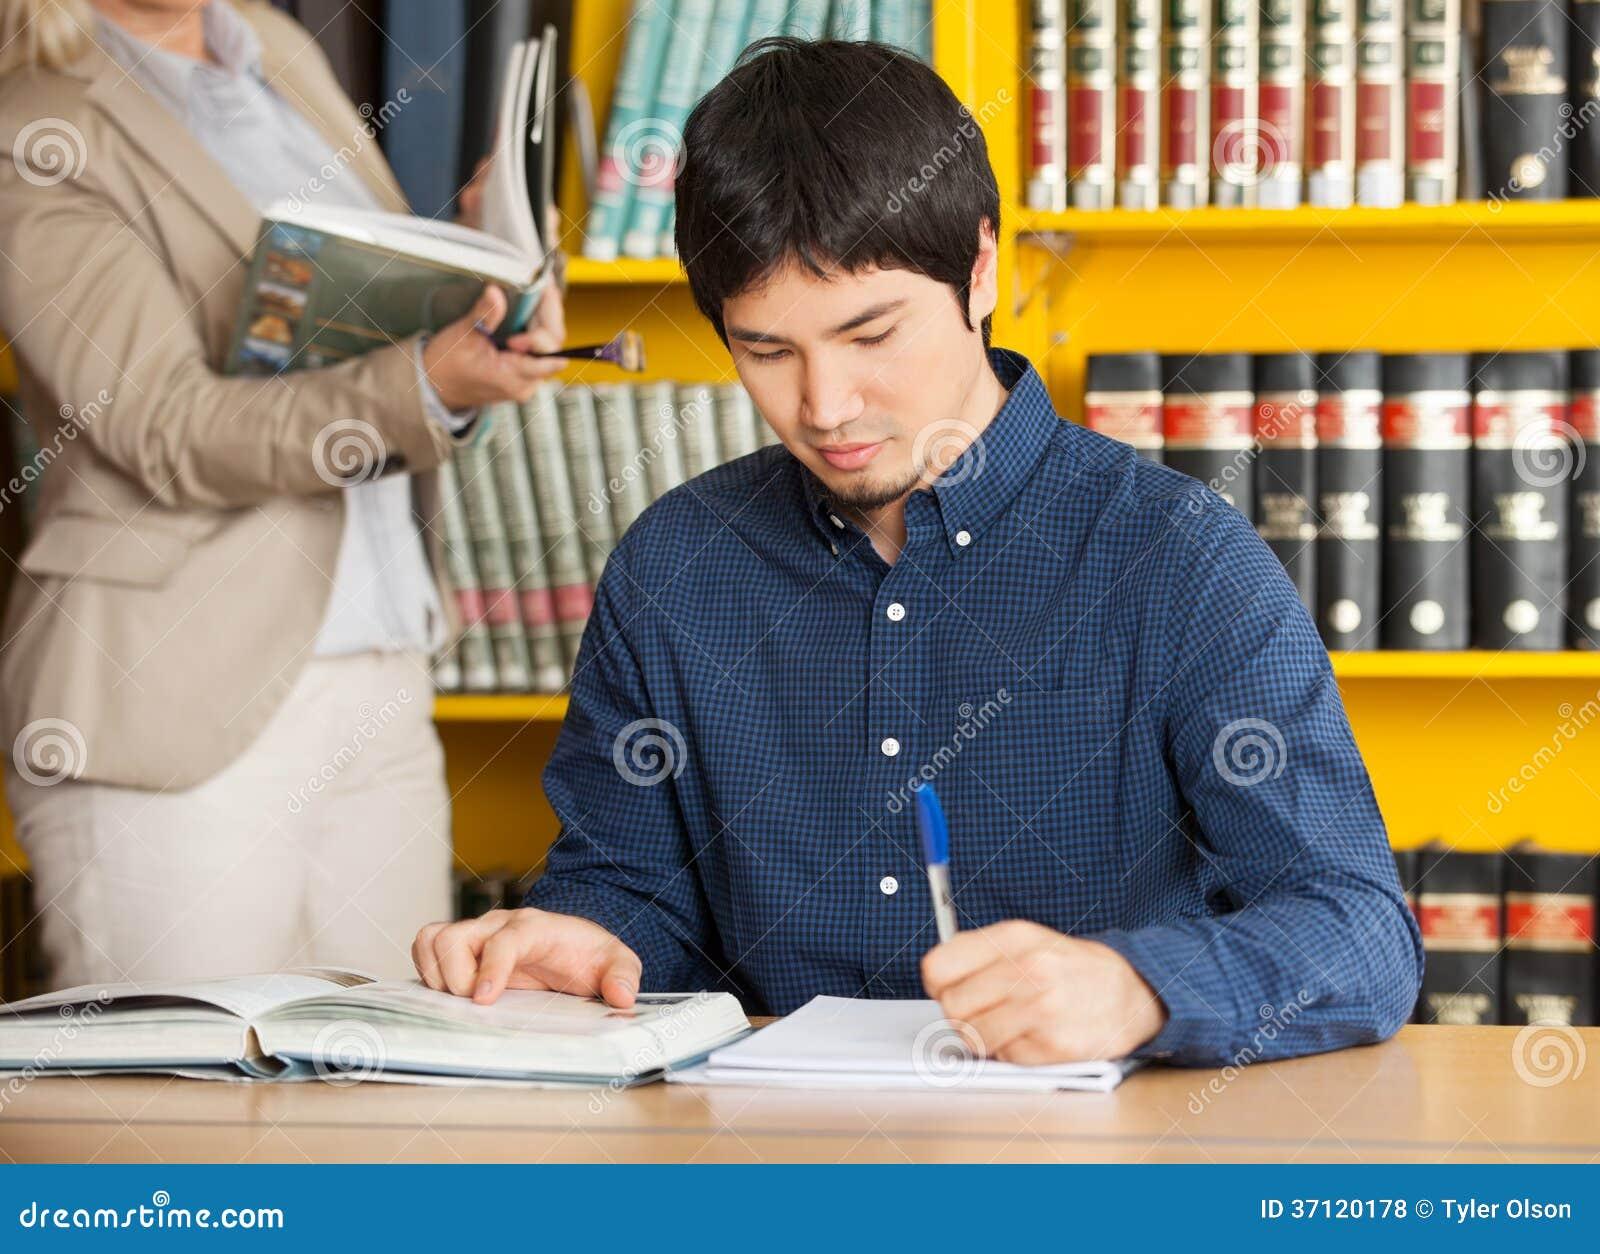 Estudiante Writing In Book en la biblioteca de universidad